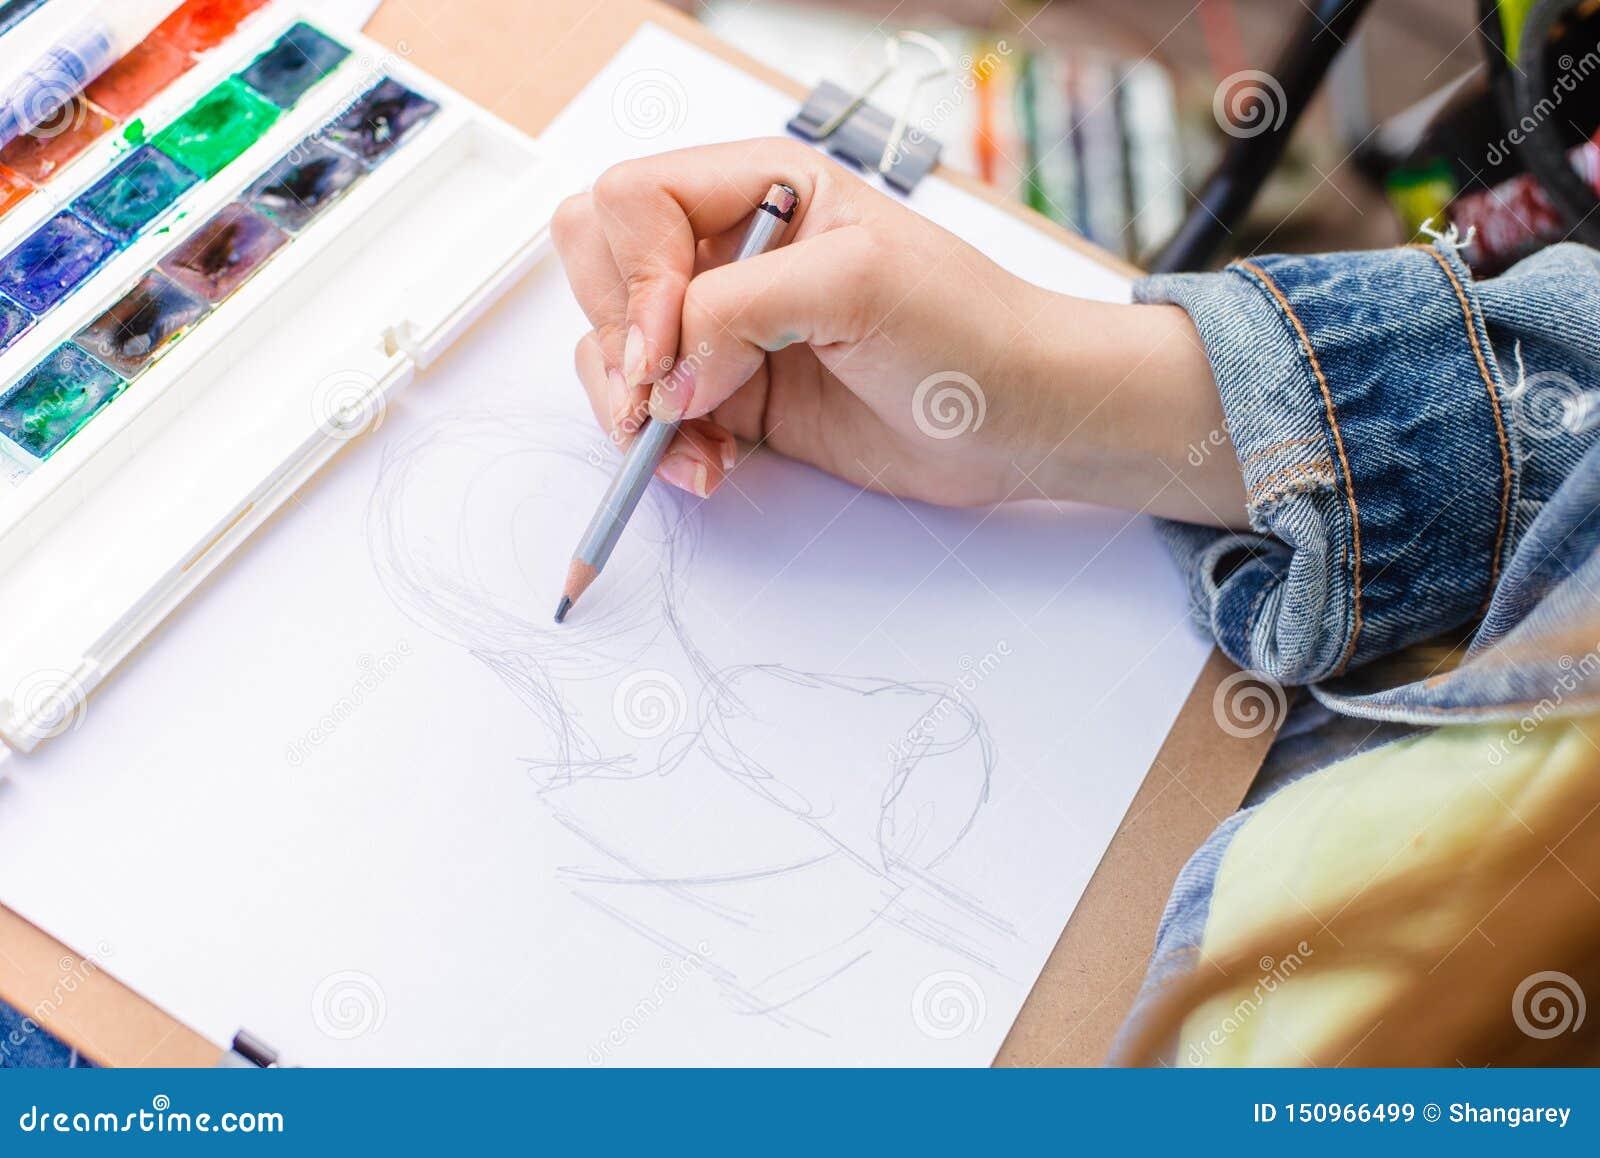 ο δημιουργικός καλλιτέχνης χρωματίζει μια ζωηρόχρωμη εικόνα Κινηματογράφηση σε πρώτο πλάνο των χεριών και της βούρτσας στο στάδιο